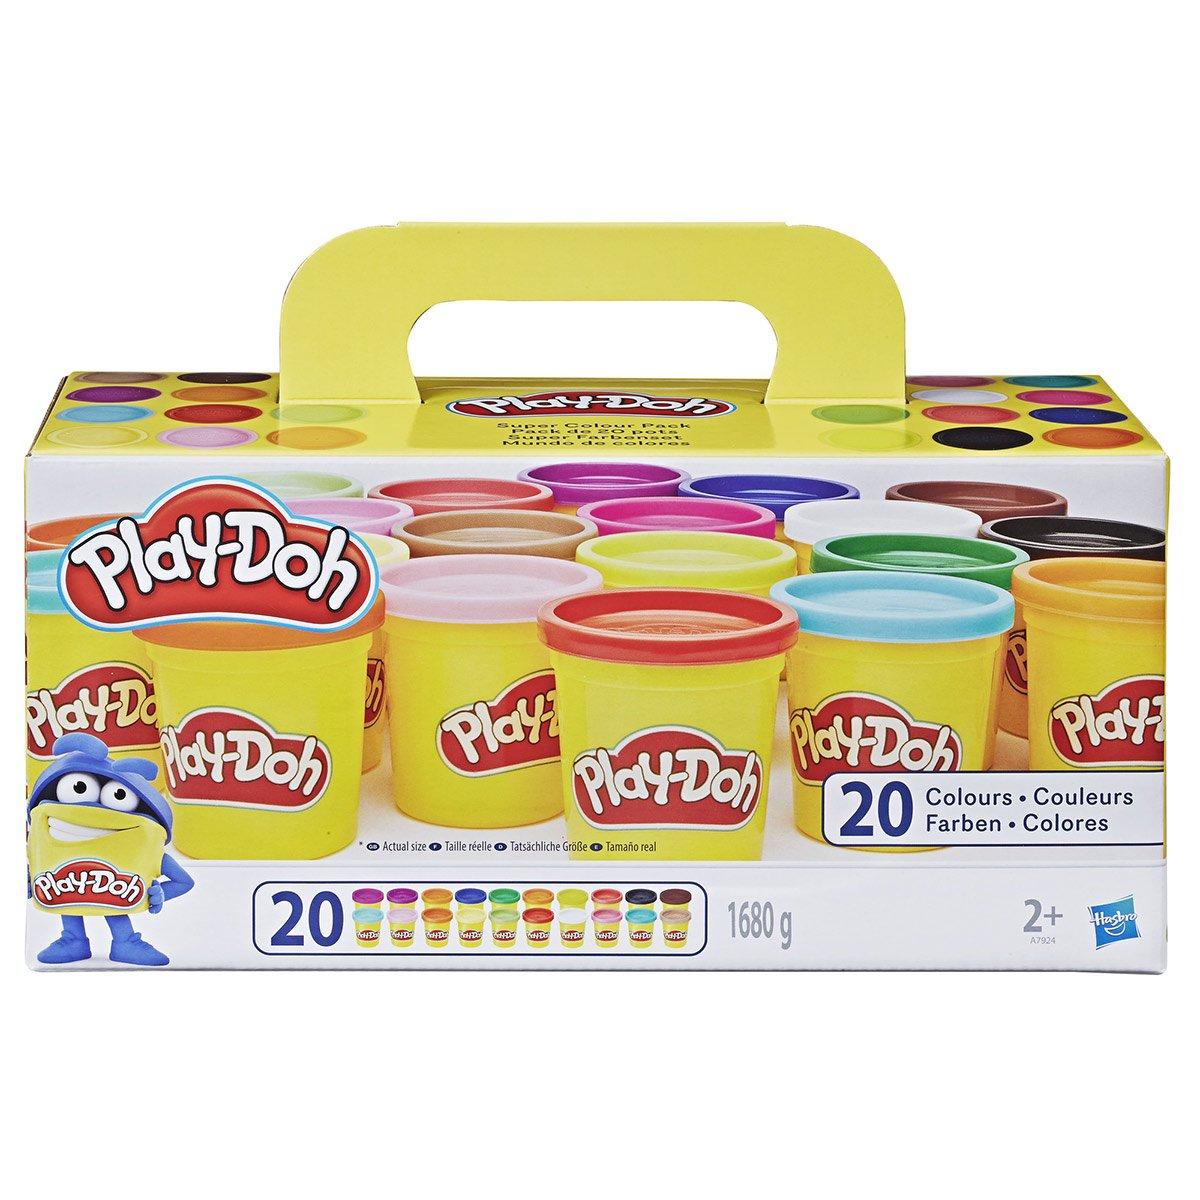 Sélection de jouets en promotion - Ex : Coffret de 20 pots de pâte à modeler Play-Doh (20 couleurs)